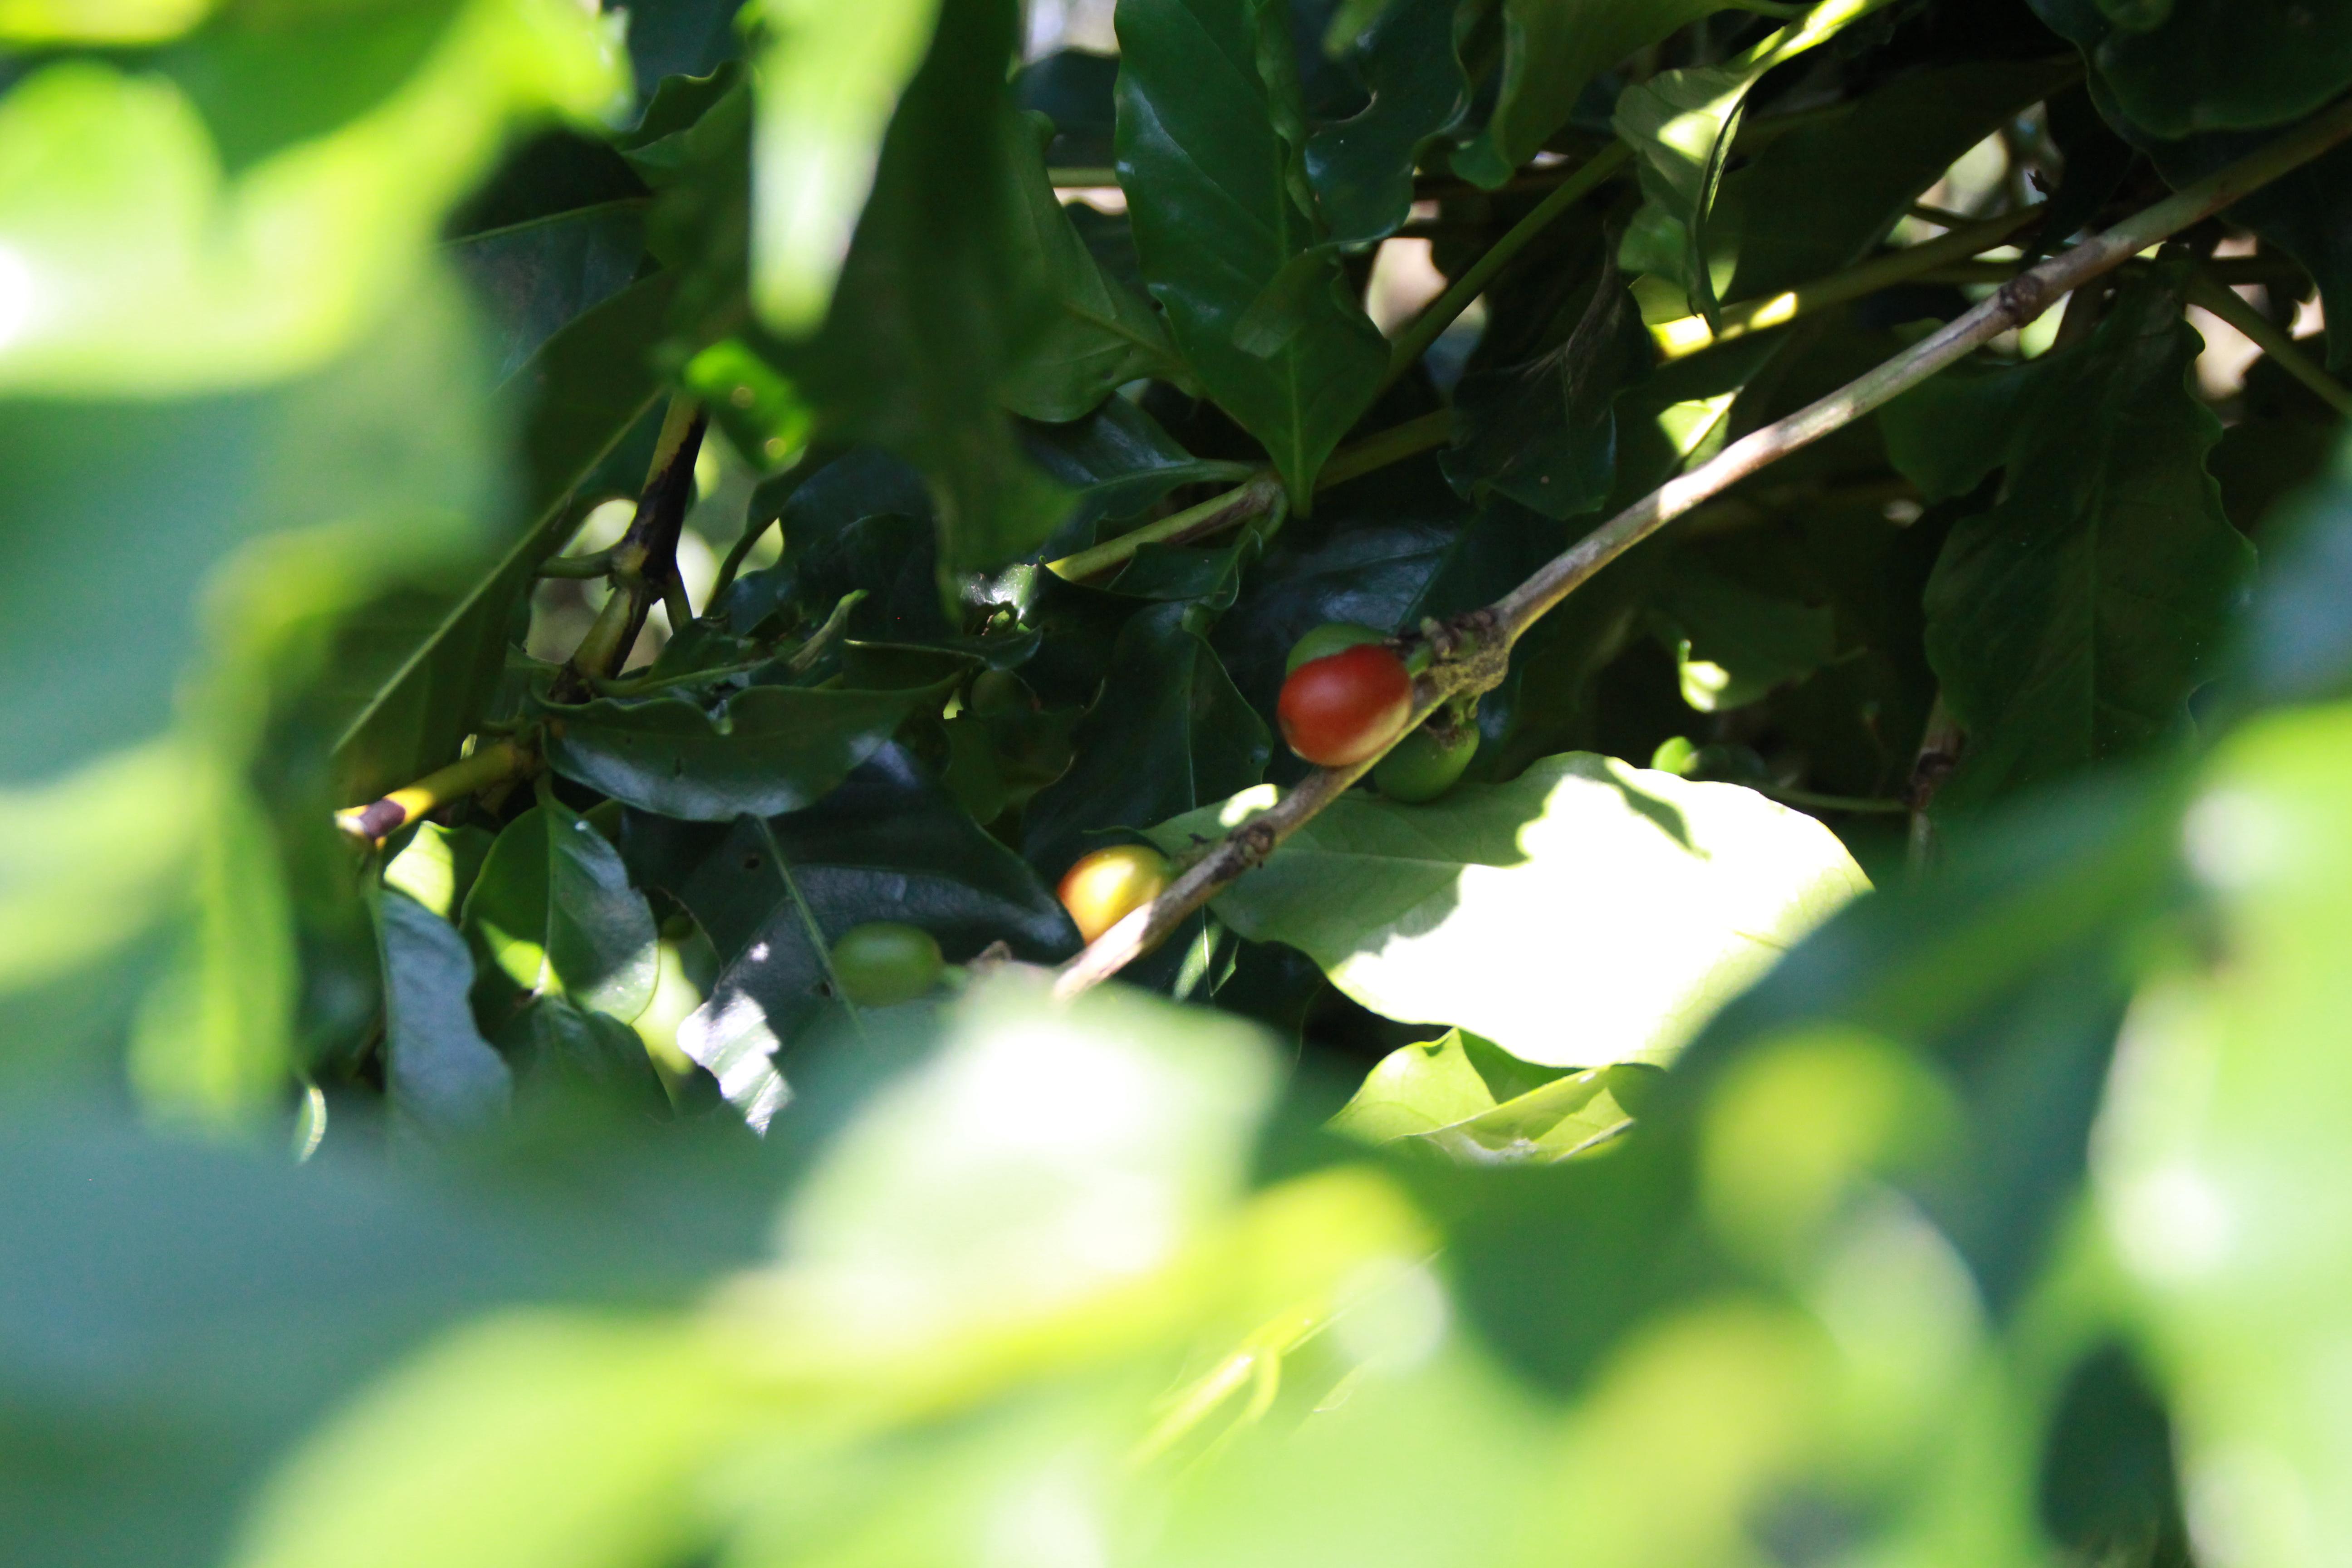 景美咖啡園栽種咖啡豆,果實大又紅潤。攝影/邵永輝